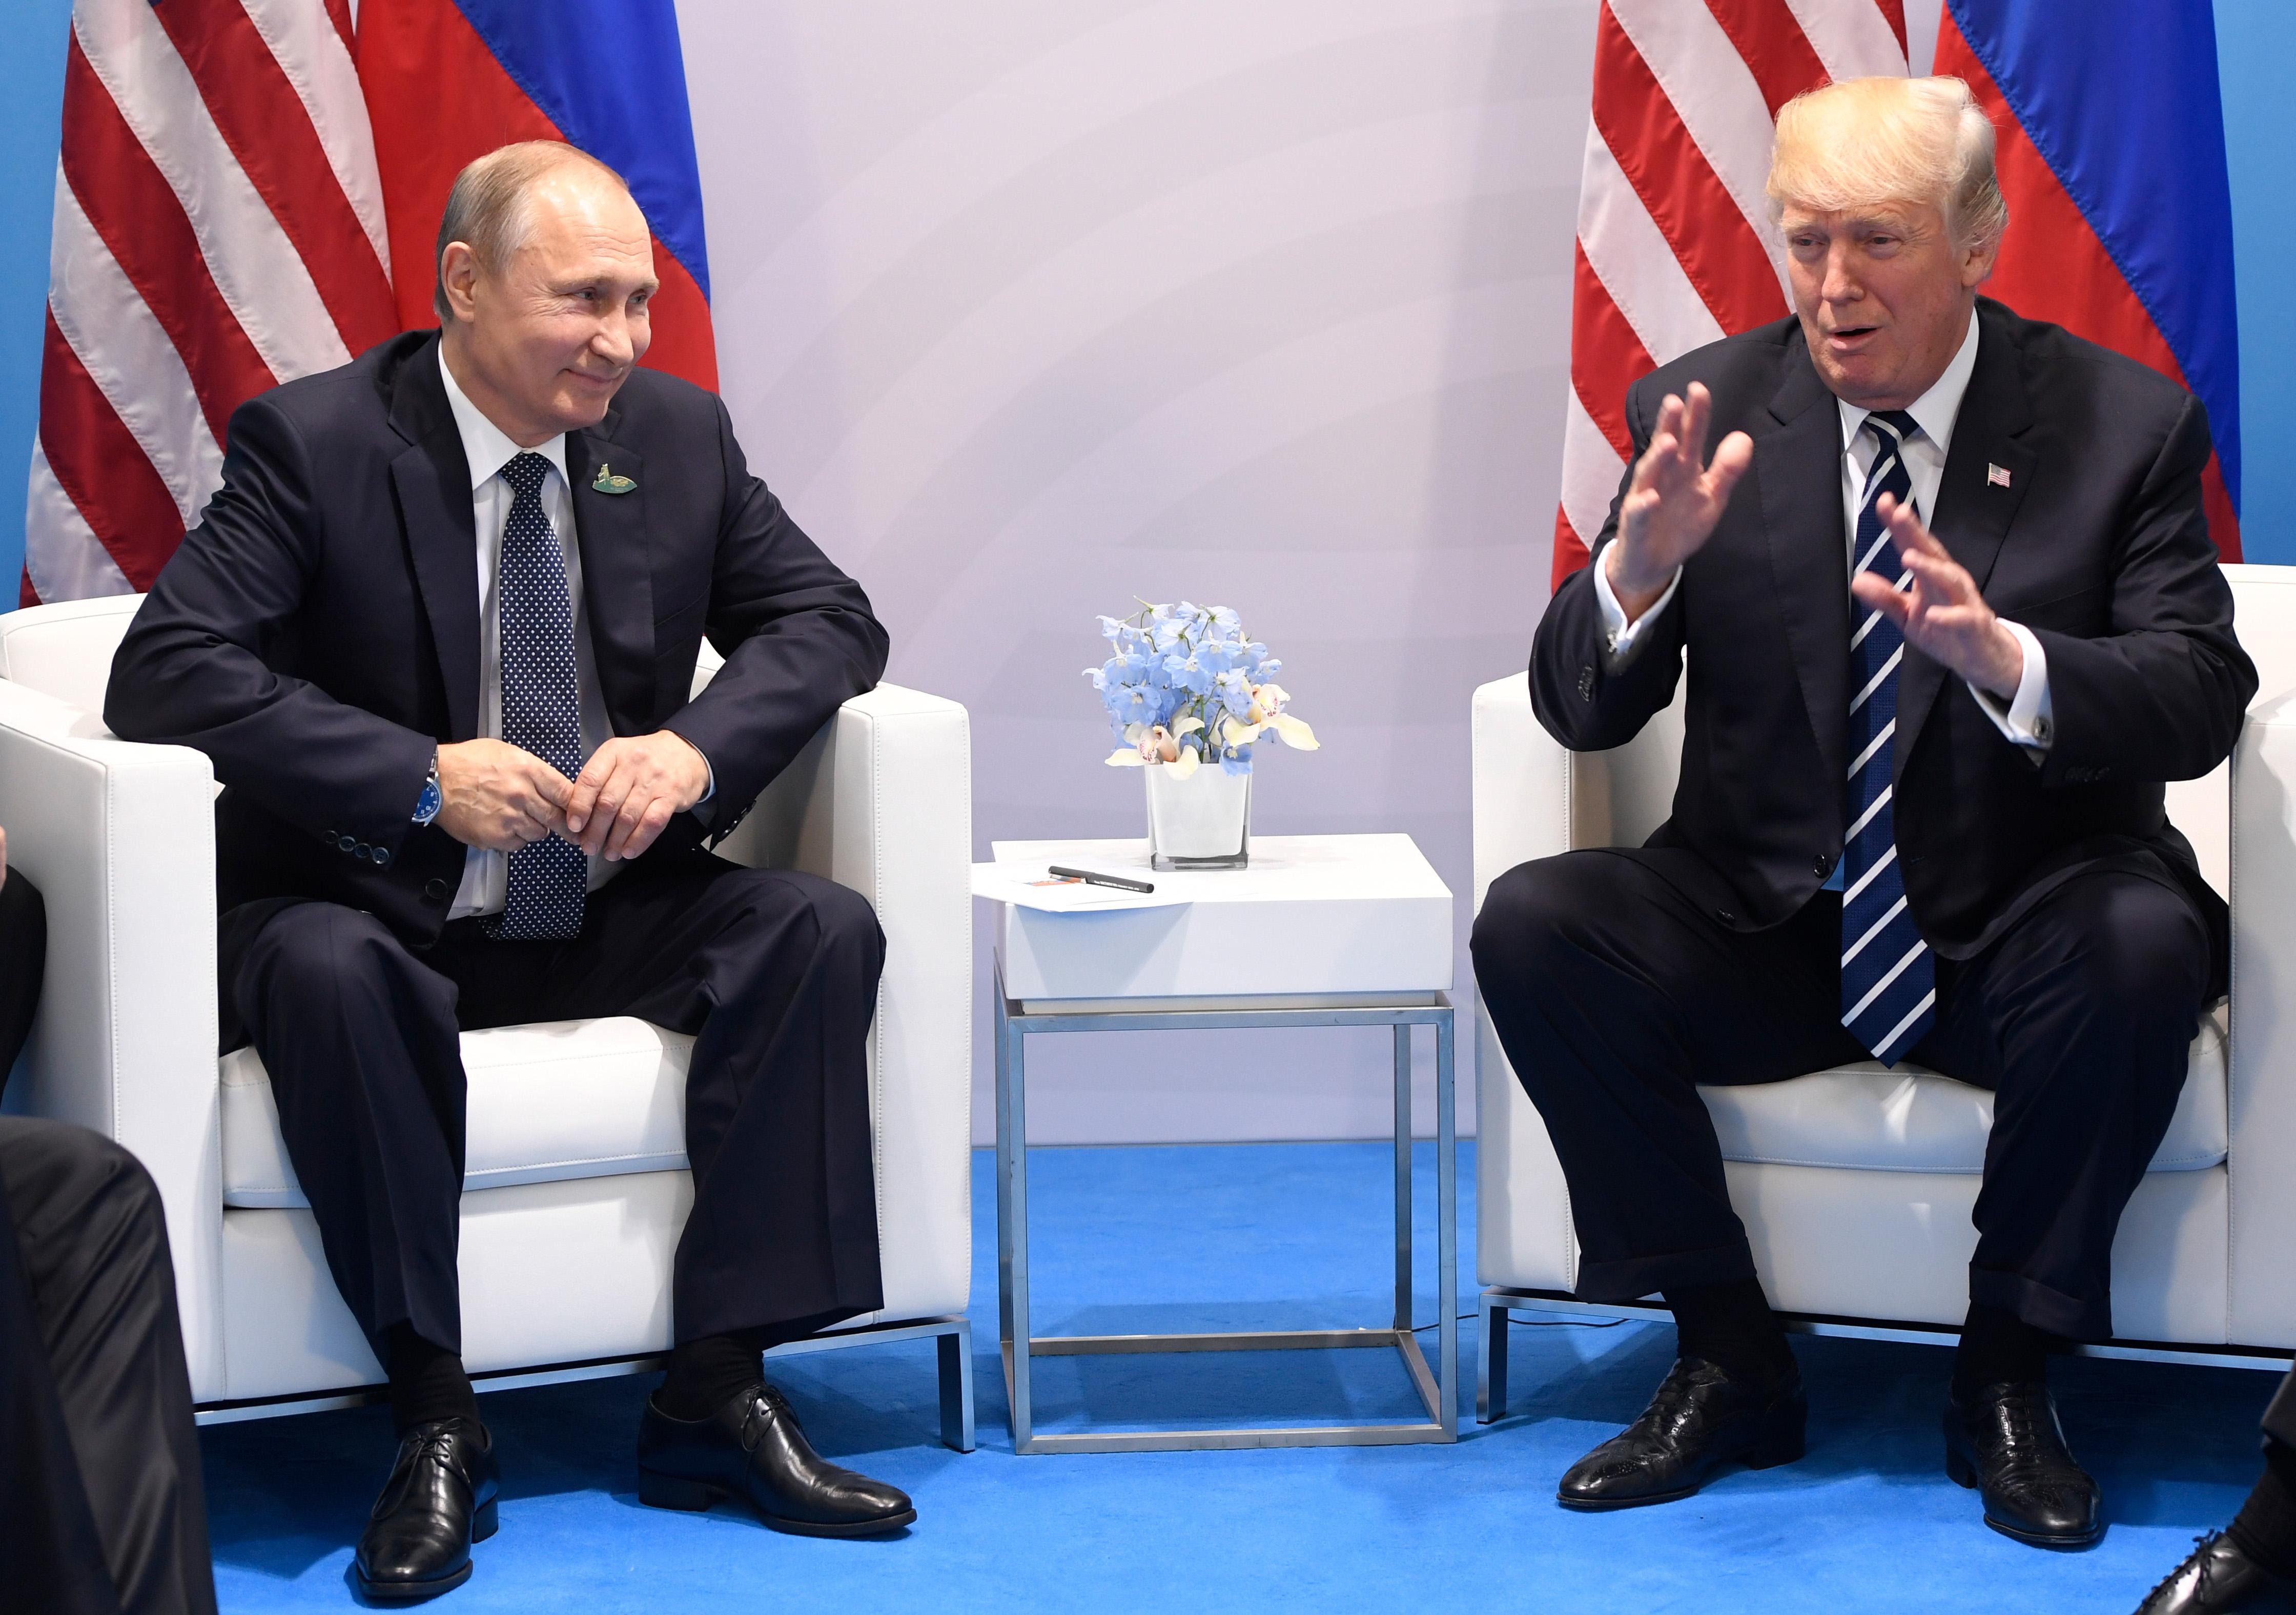 """A Fehér Ház szerint Trump nem találkozik külön Putyinnal, a Kreml szerint """"így vagy úgy"""", de a találkozó létrejön Vietnamban"""